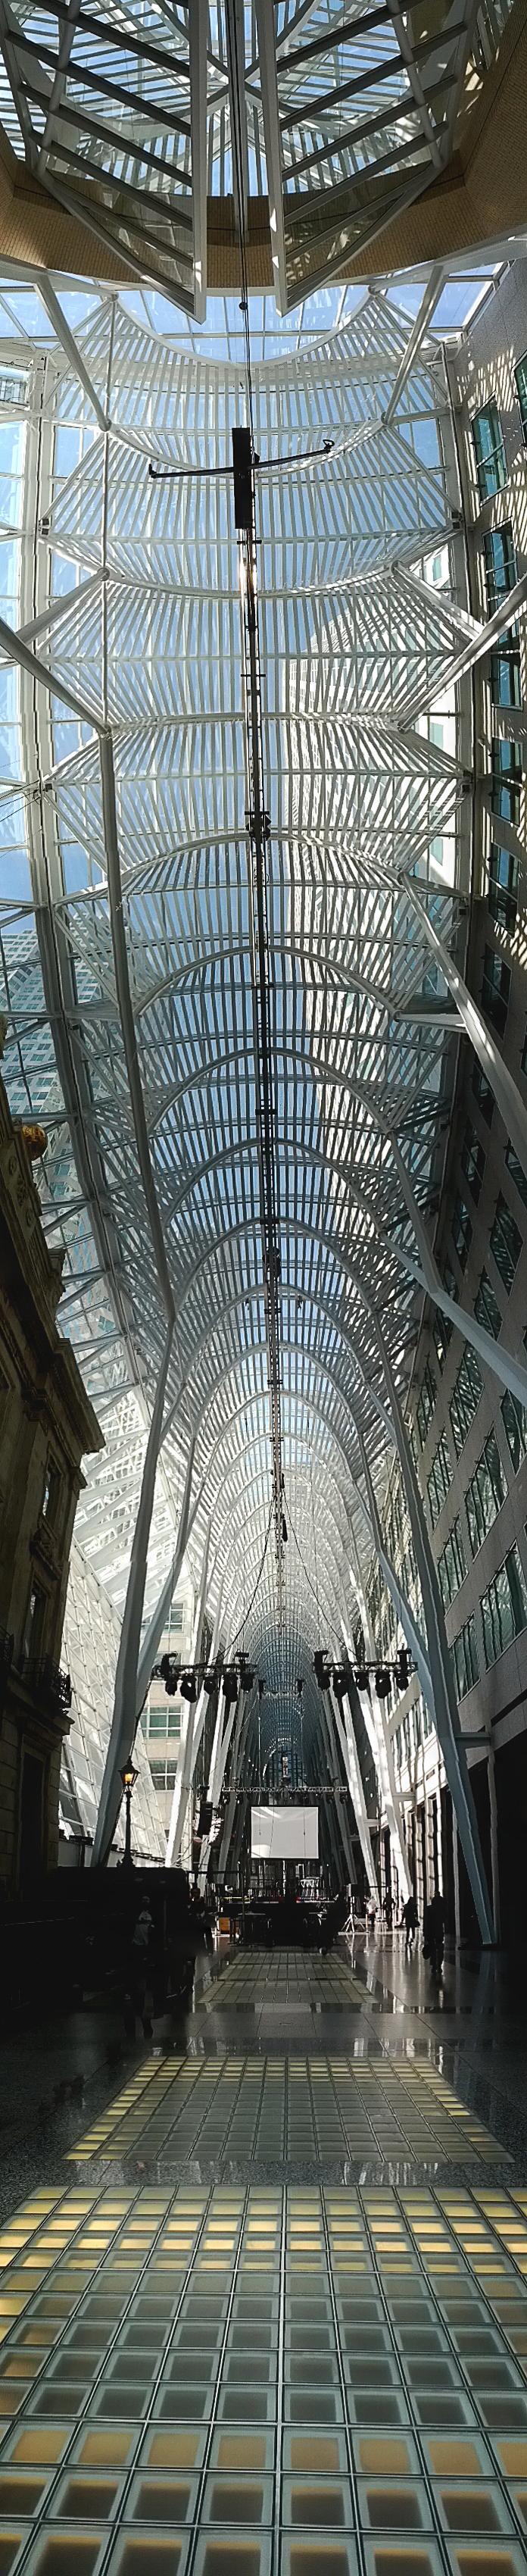 Allen Lambert Galleria - Vertical_Pano